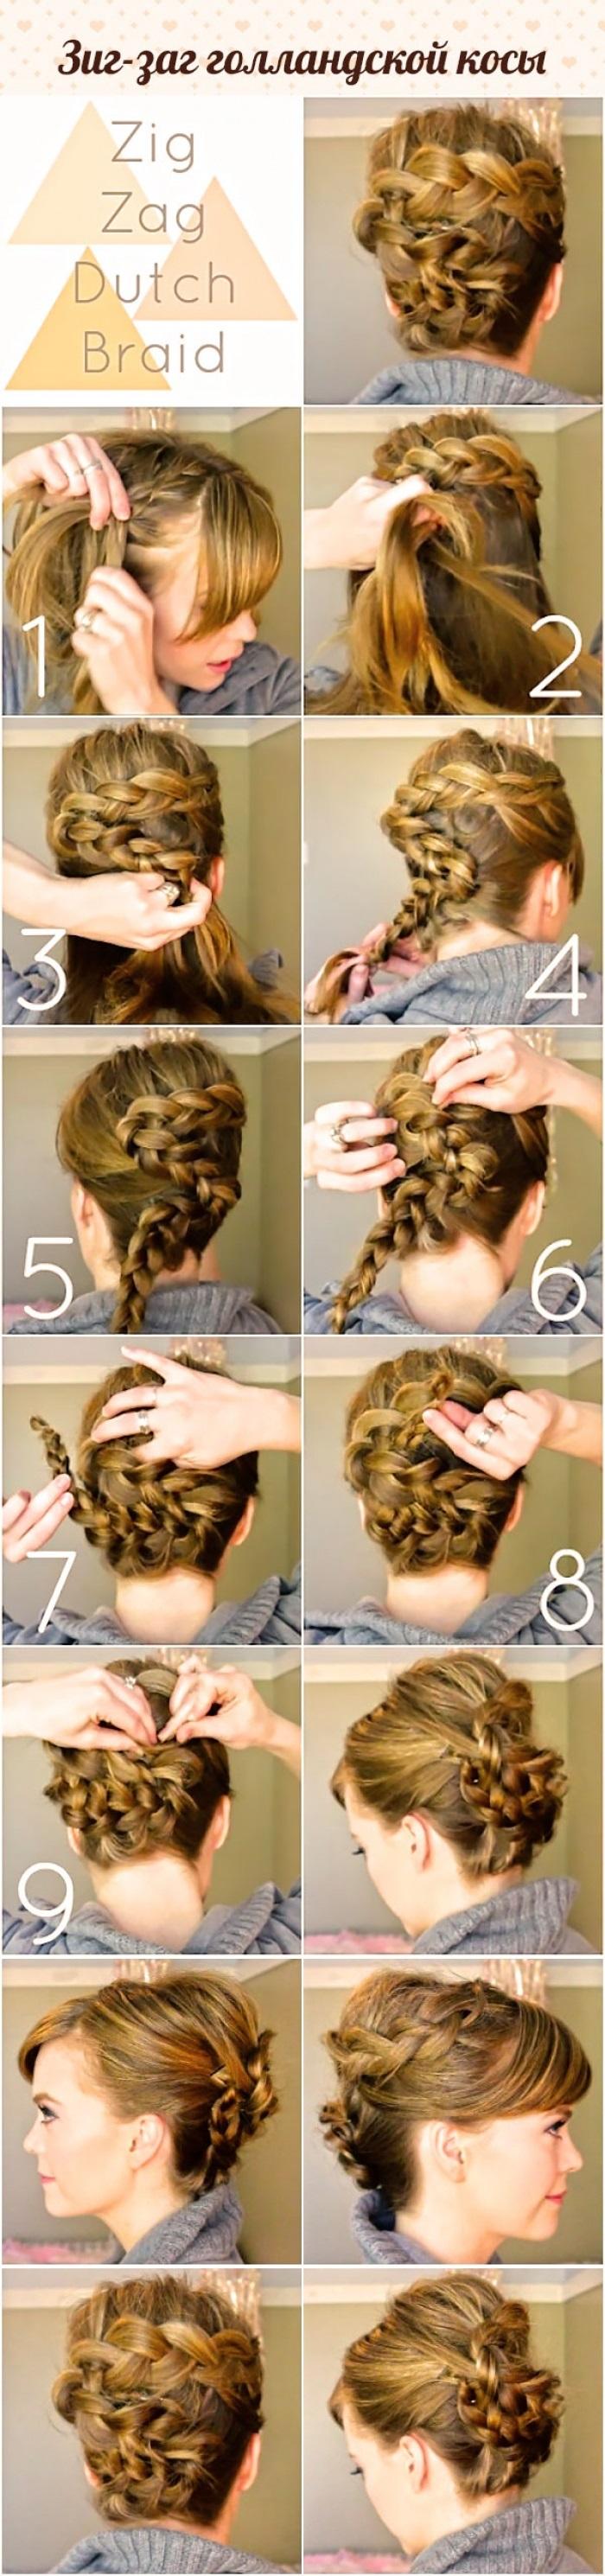 Красивые косы на длинные волосы для девушек, девочек. Пошаговые инструкции плетения с фото, схемами и описанием